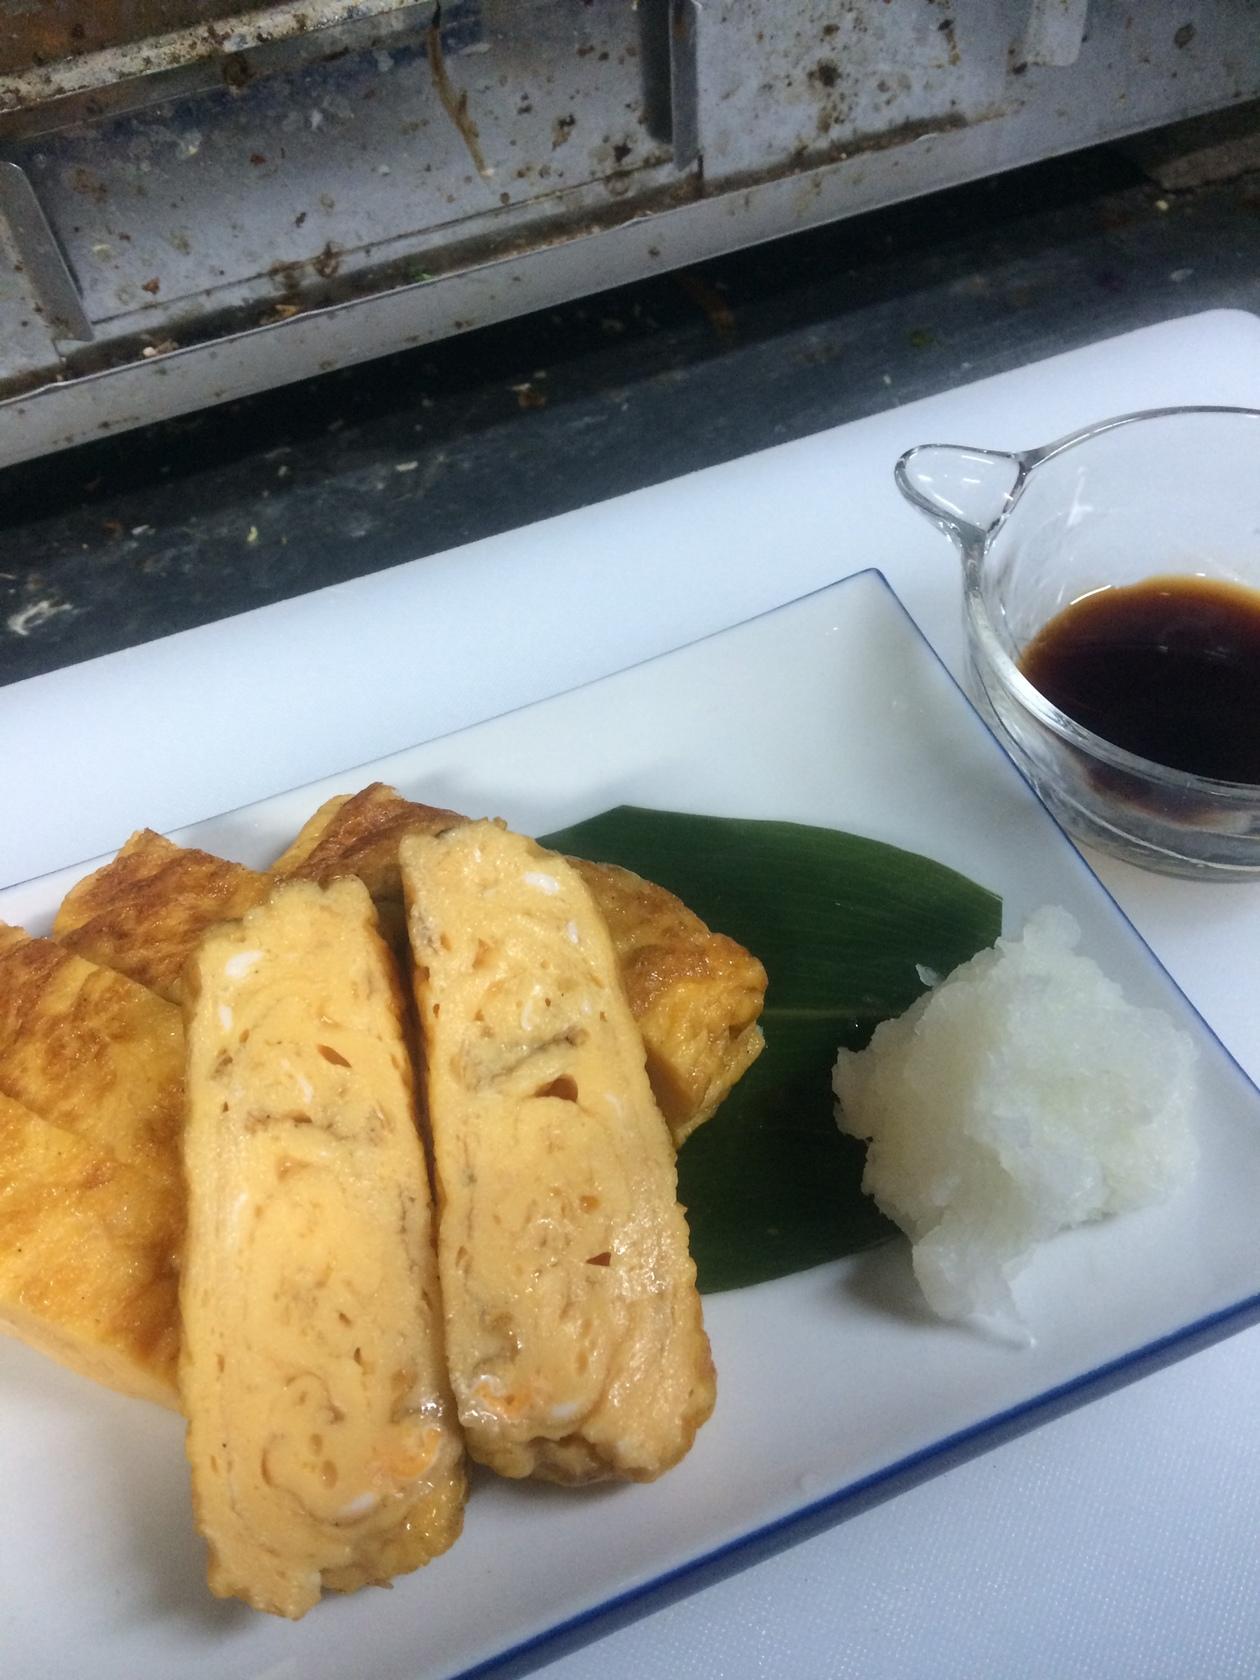 和食を中心に様々なジャンルの料理を作る事が出来ます。